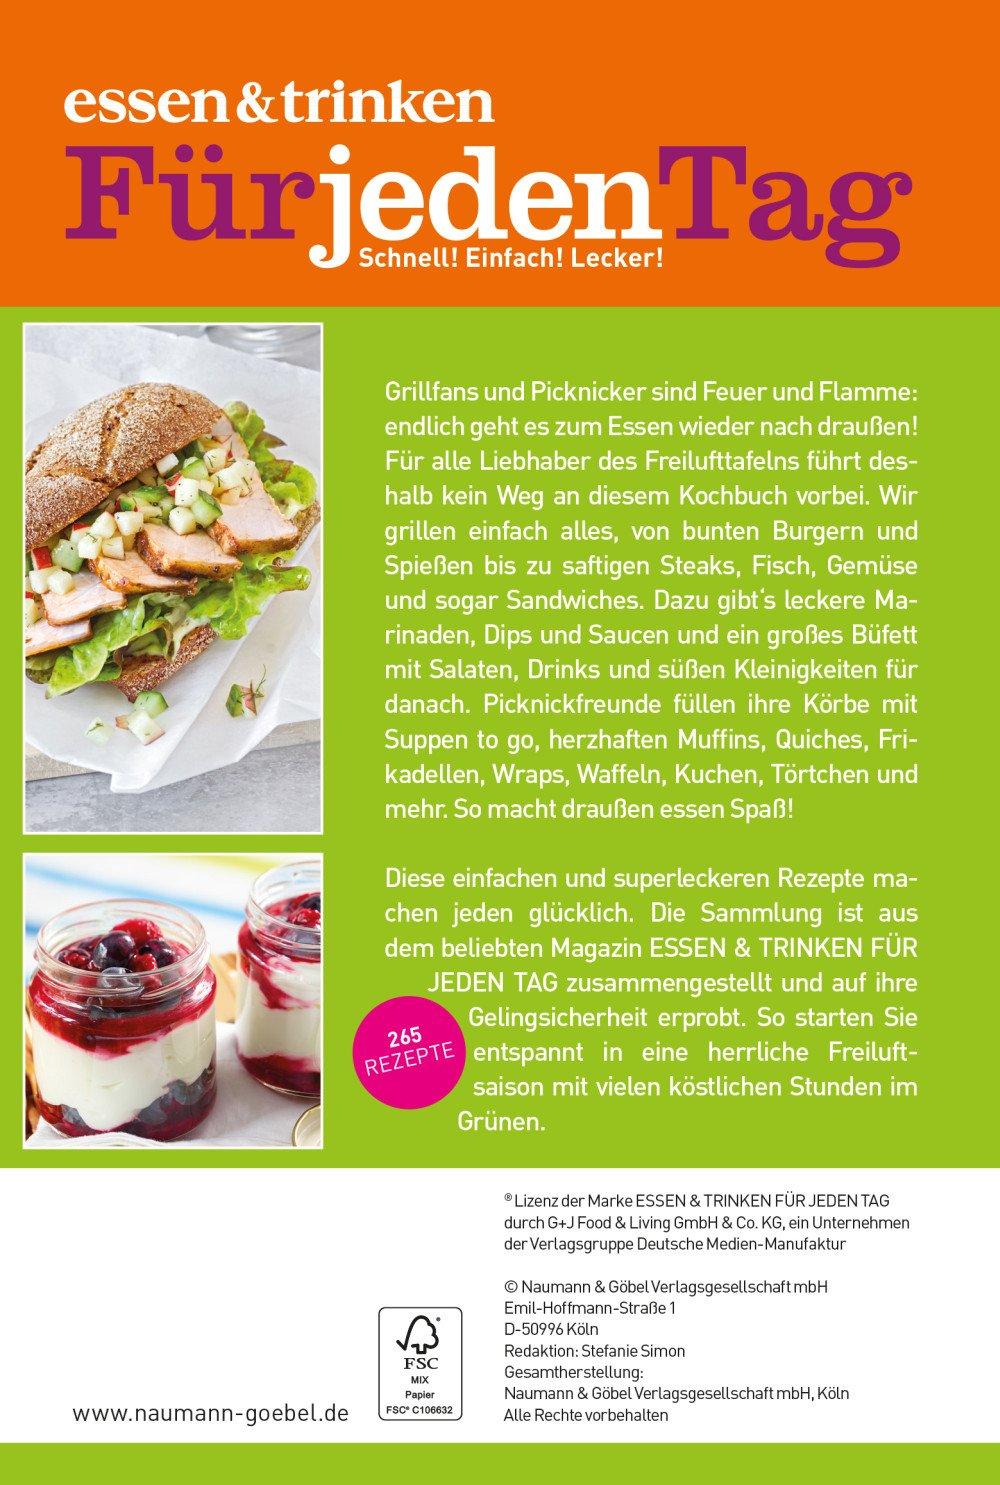 Zeitschrift Essen Und Trinken essen trinken für jeden tag grillen picknick leckeres für